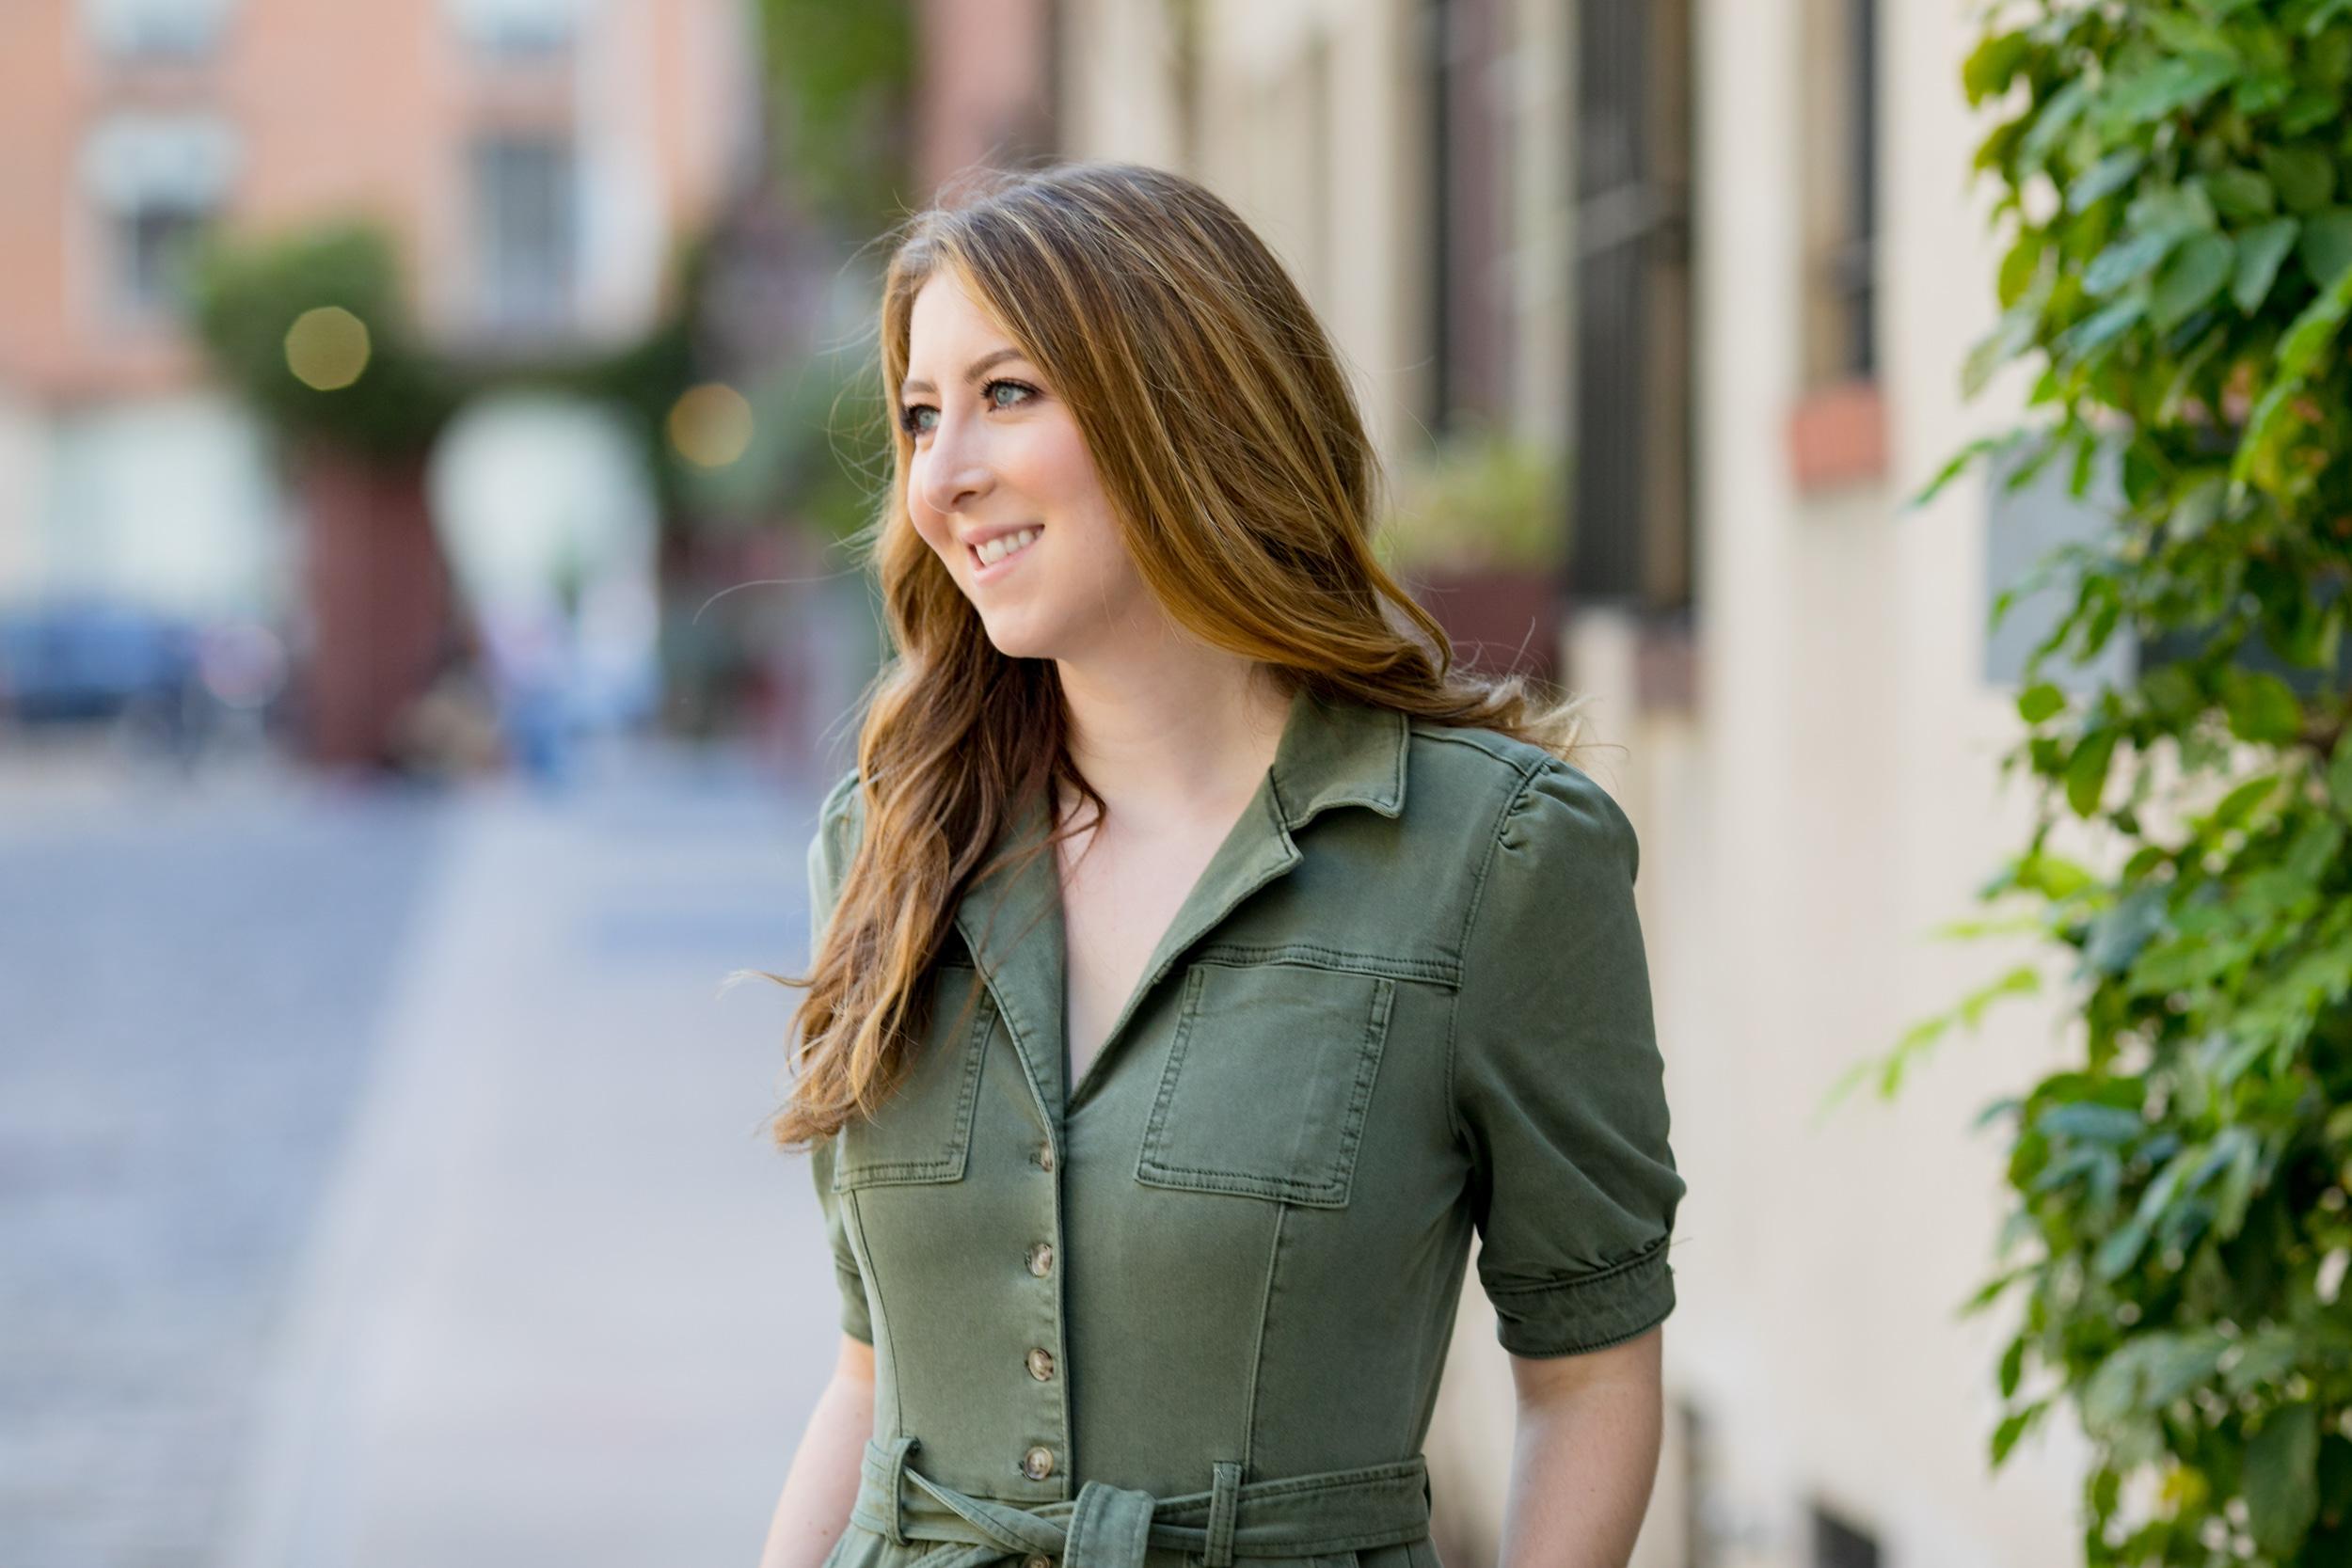 Julia Lynch wearing green dress